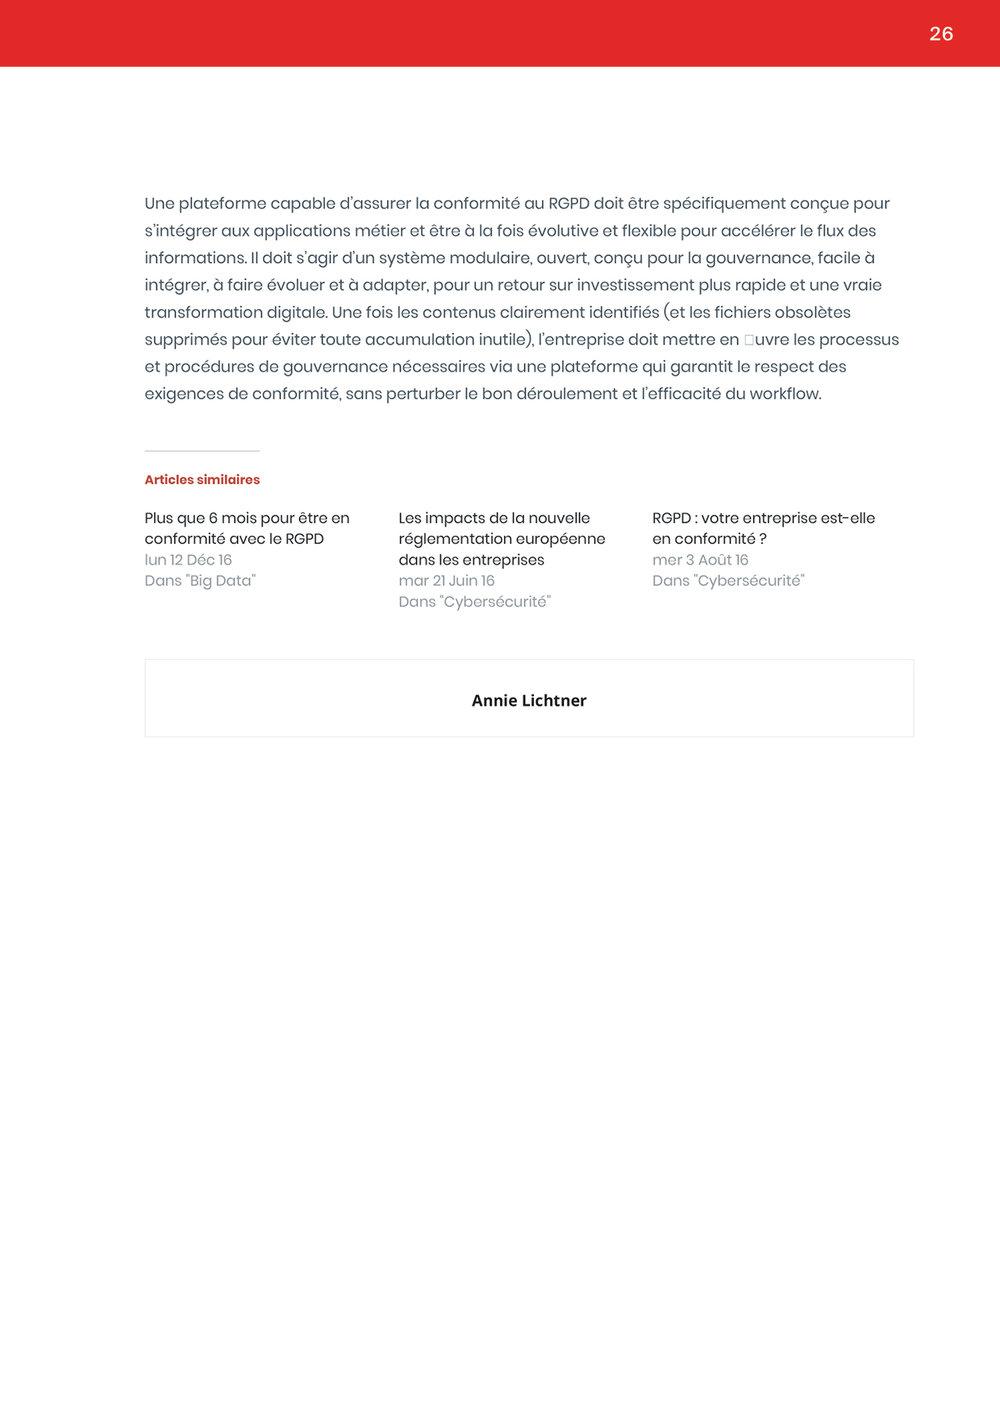 BOOKMEDIA_SEPT_026.jpg